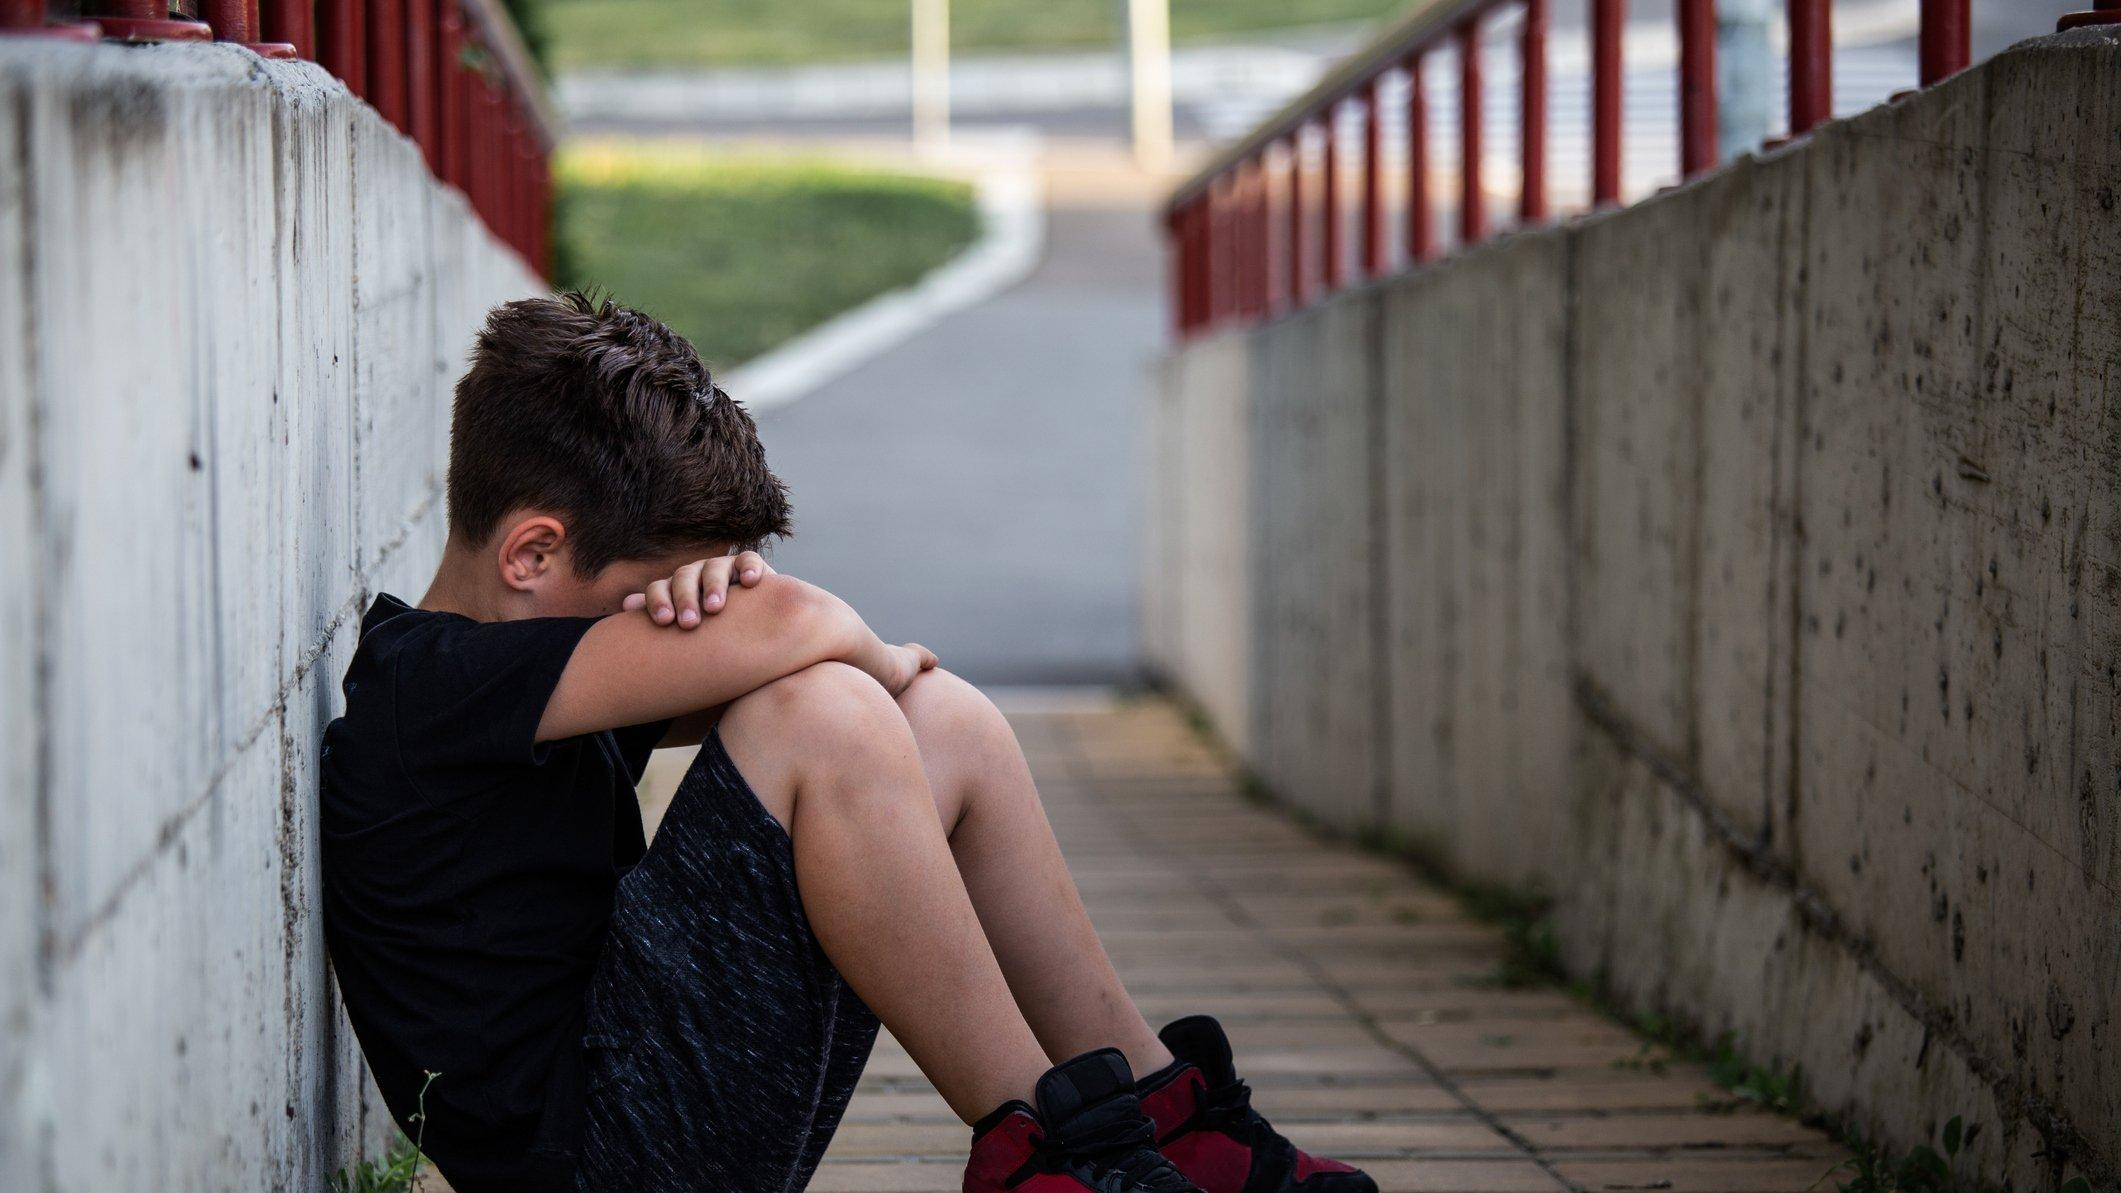 Symbolbild: Kleiner Junge sitzt traurig auf der Straße